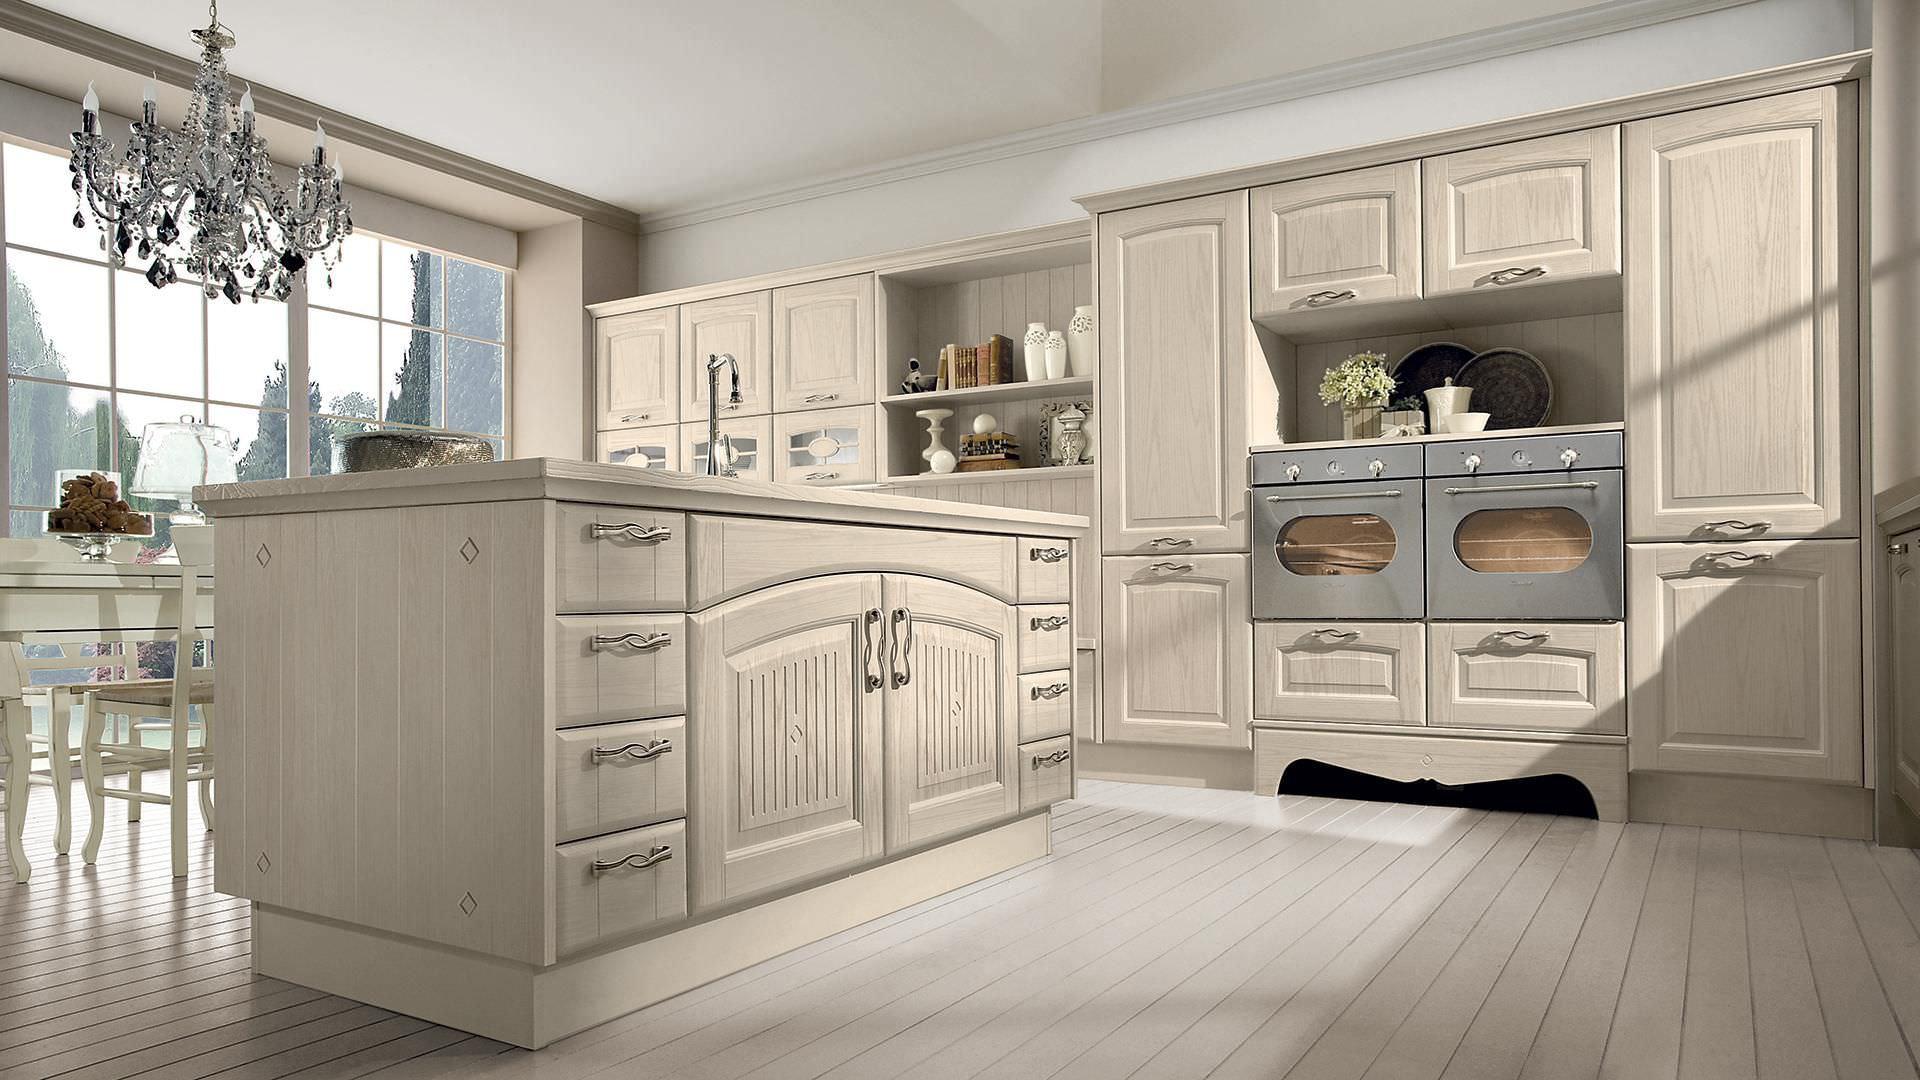 Cucina classica / in legno massiccio / con isola / con impugnature VERONICA  CUCINE LUBE